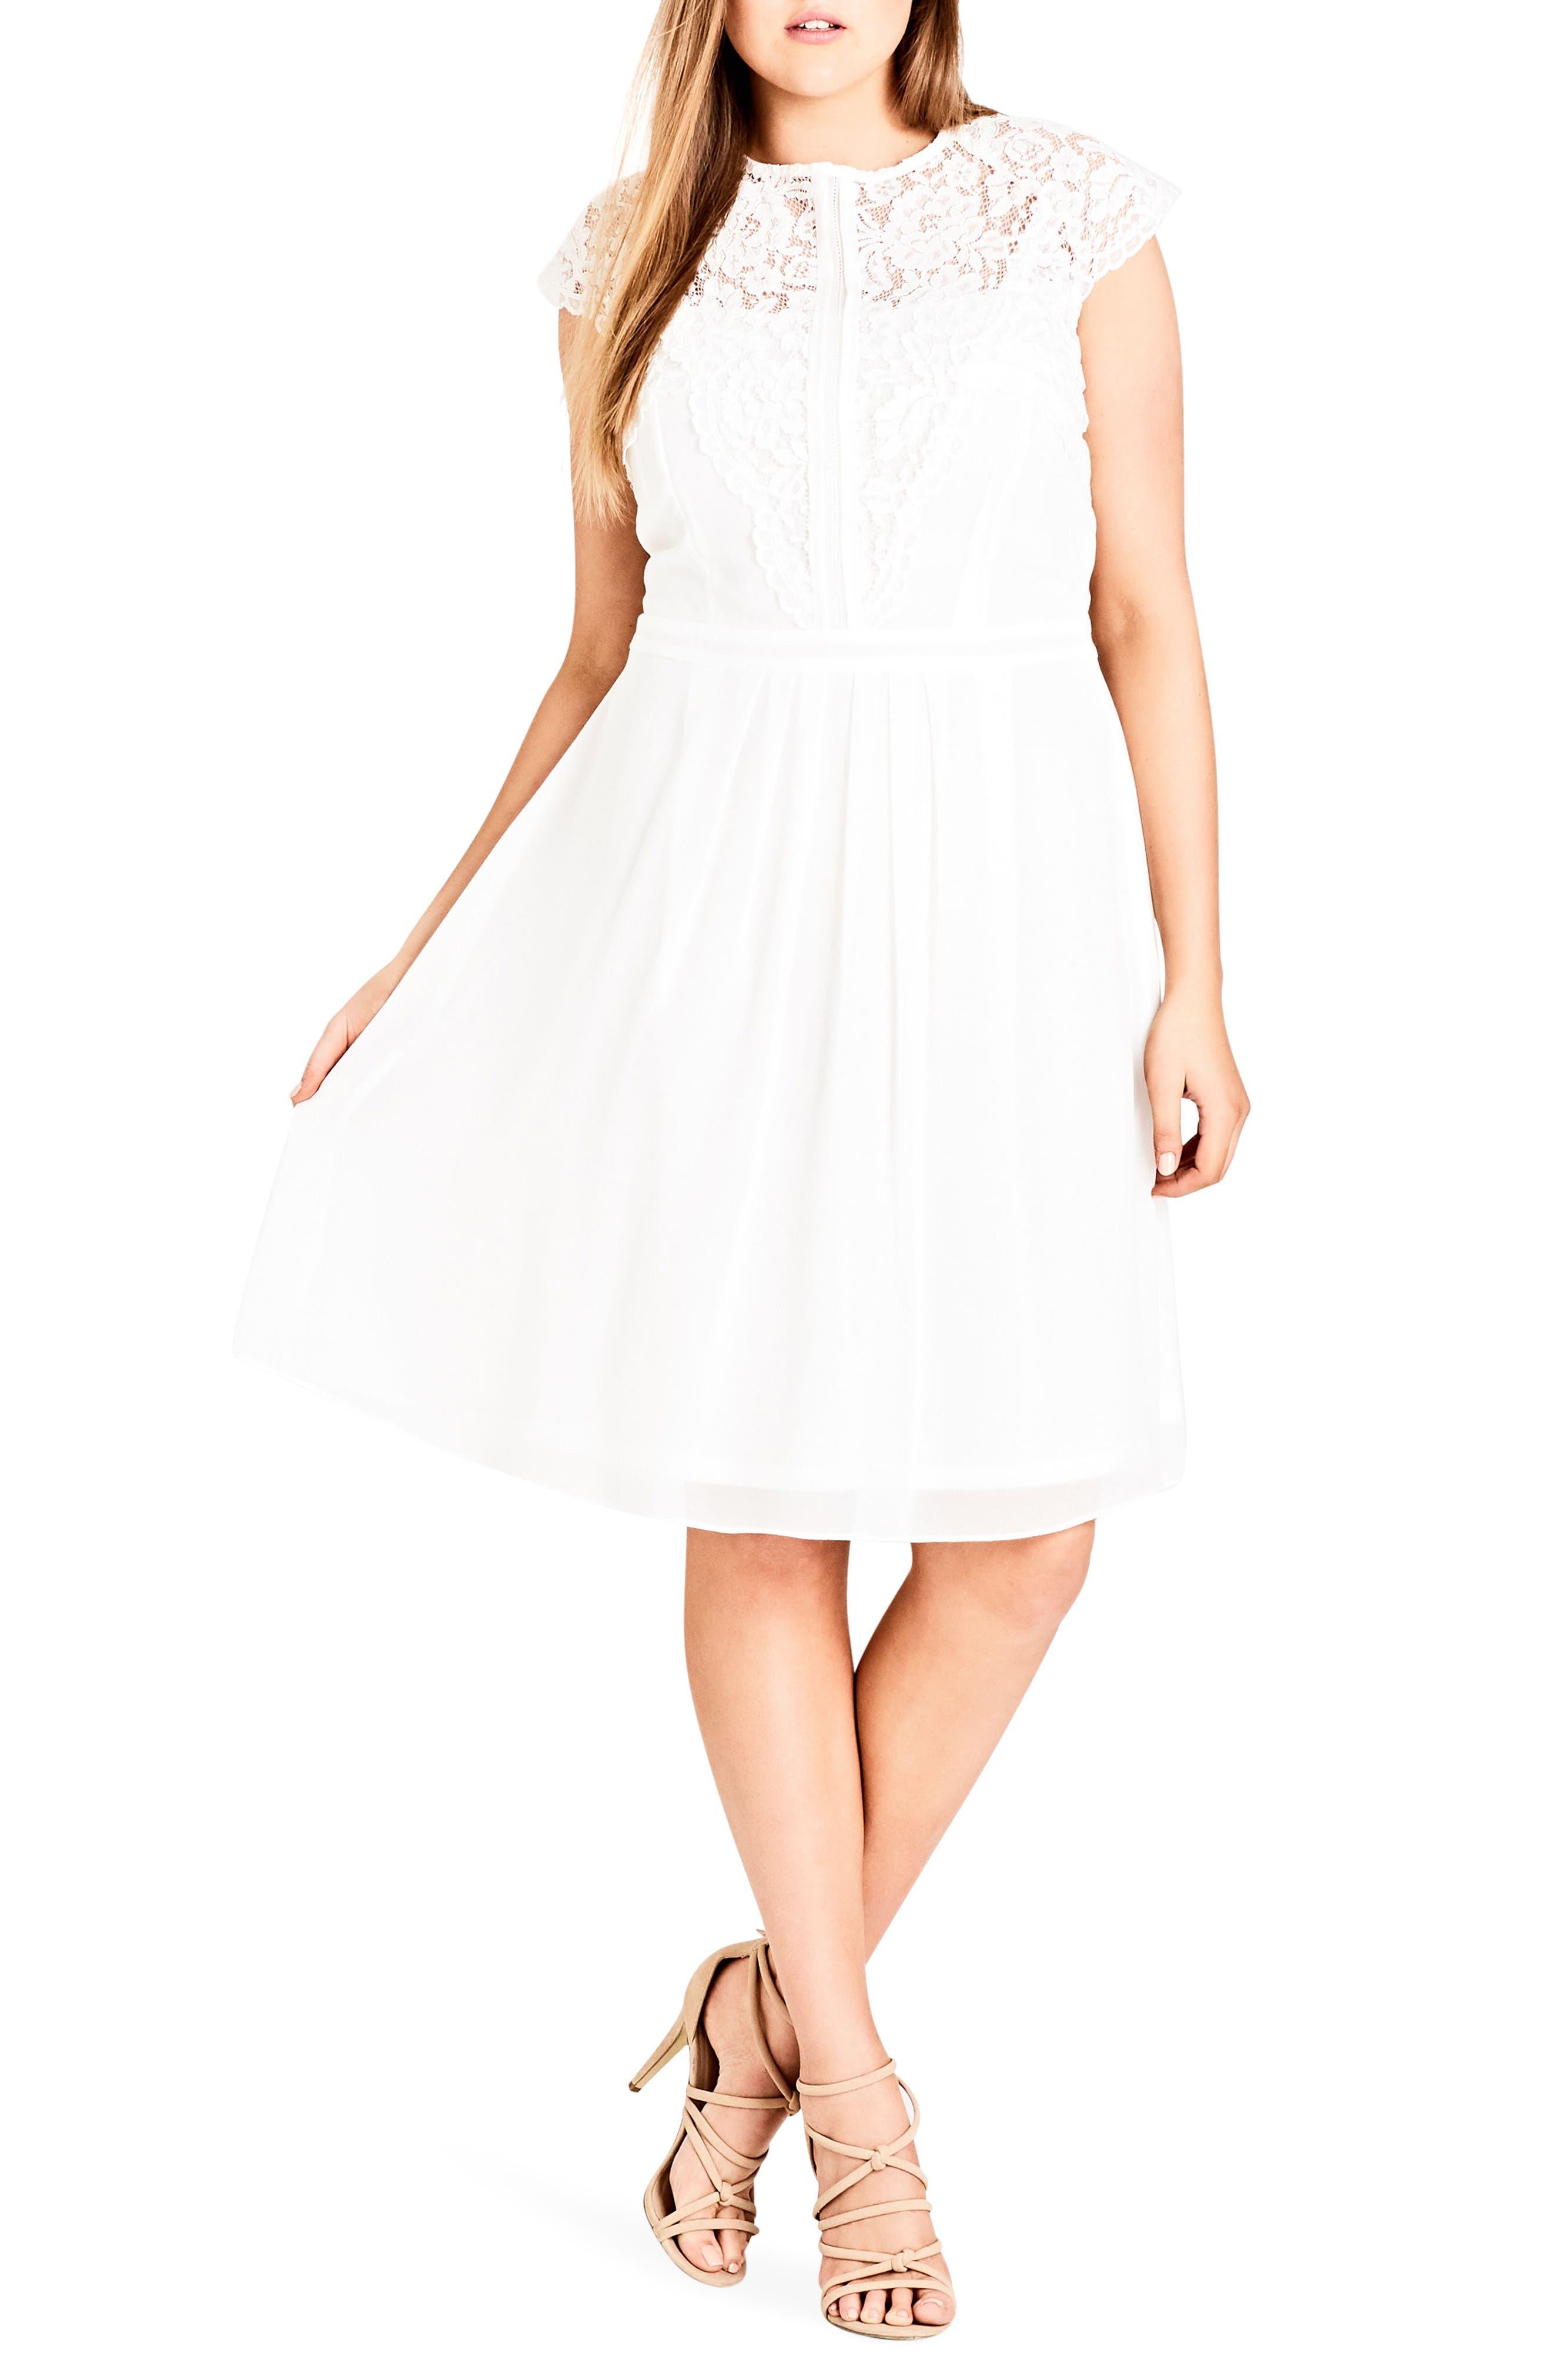 Plus Size City Chic Lace & Chiffon Dress, Ivory